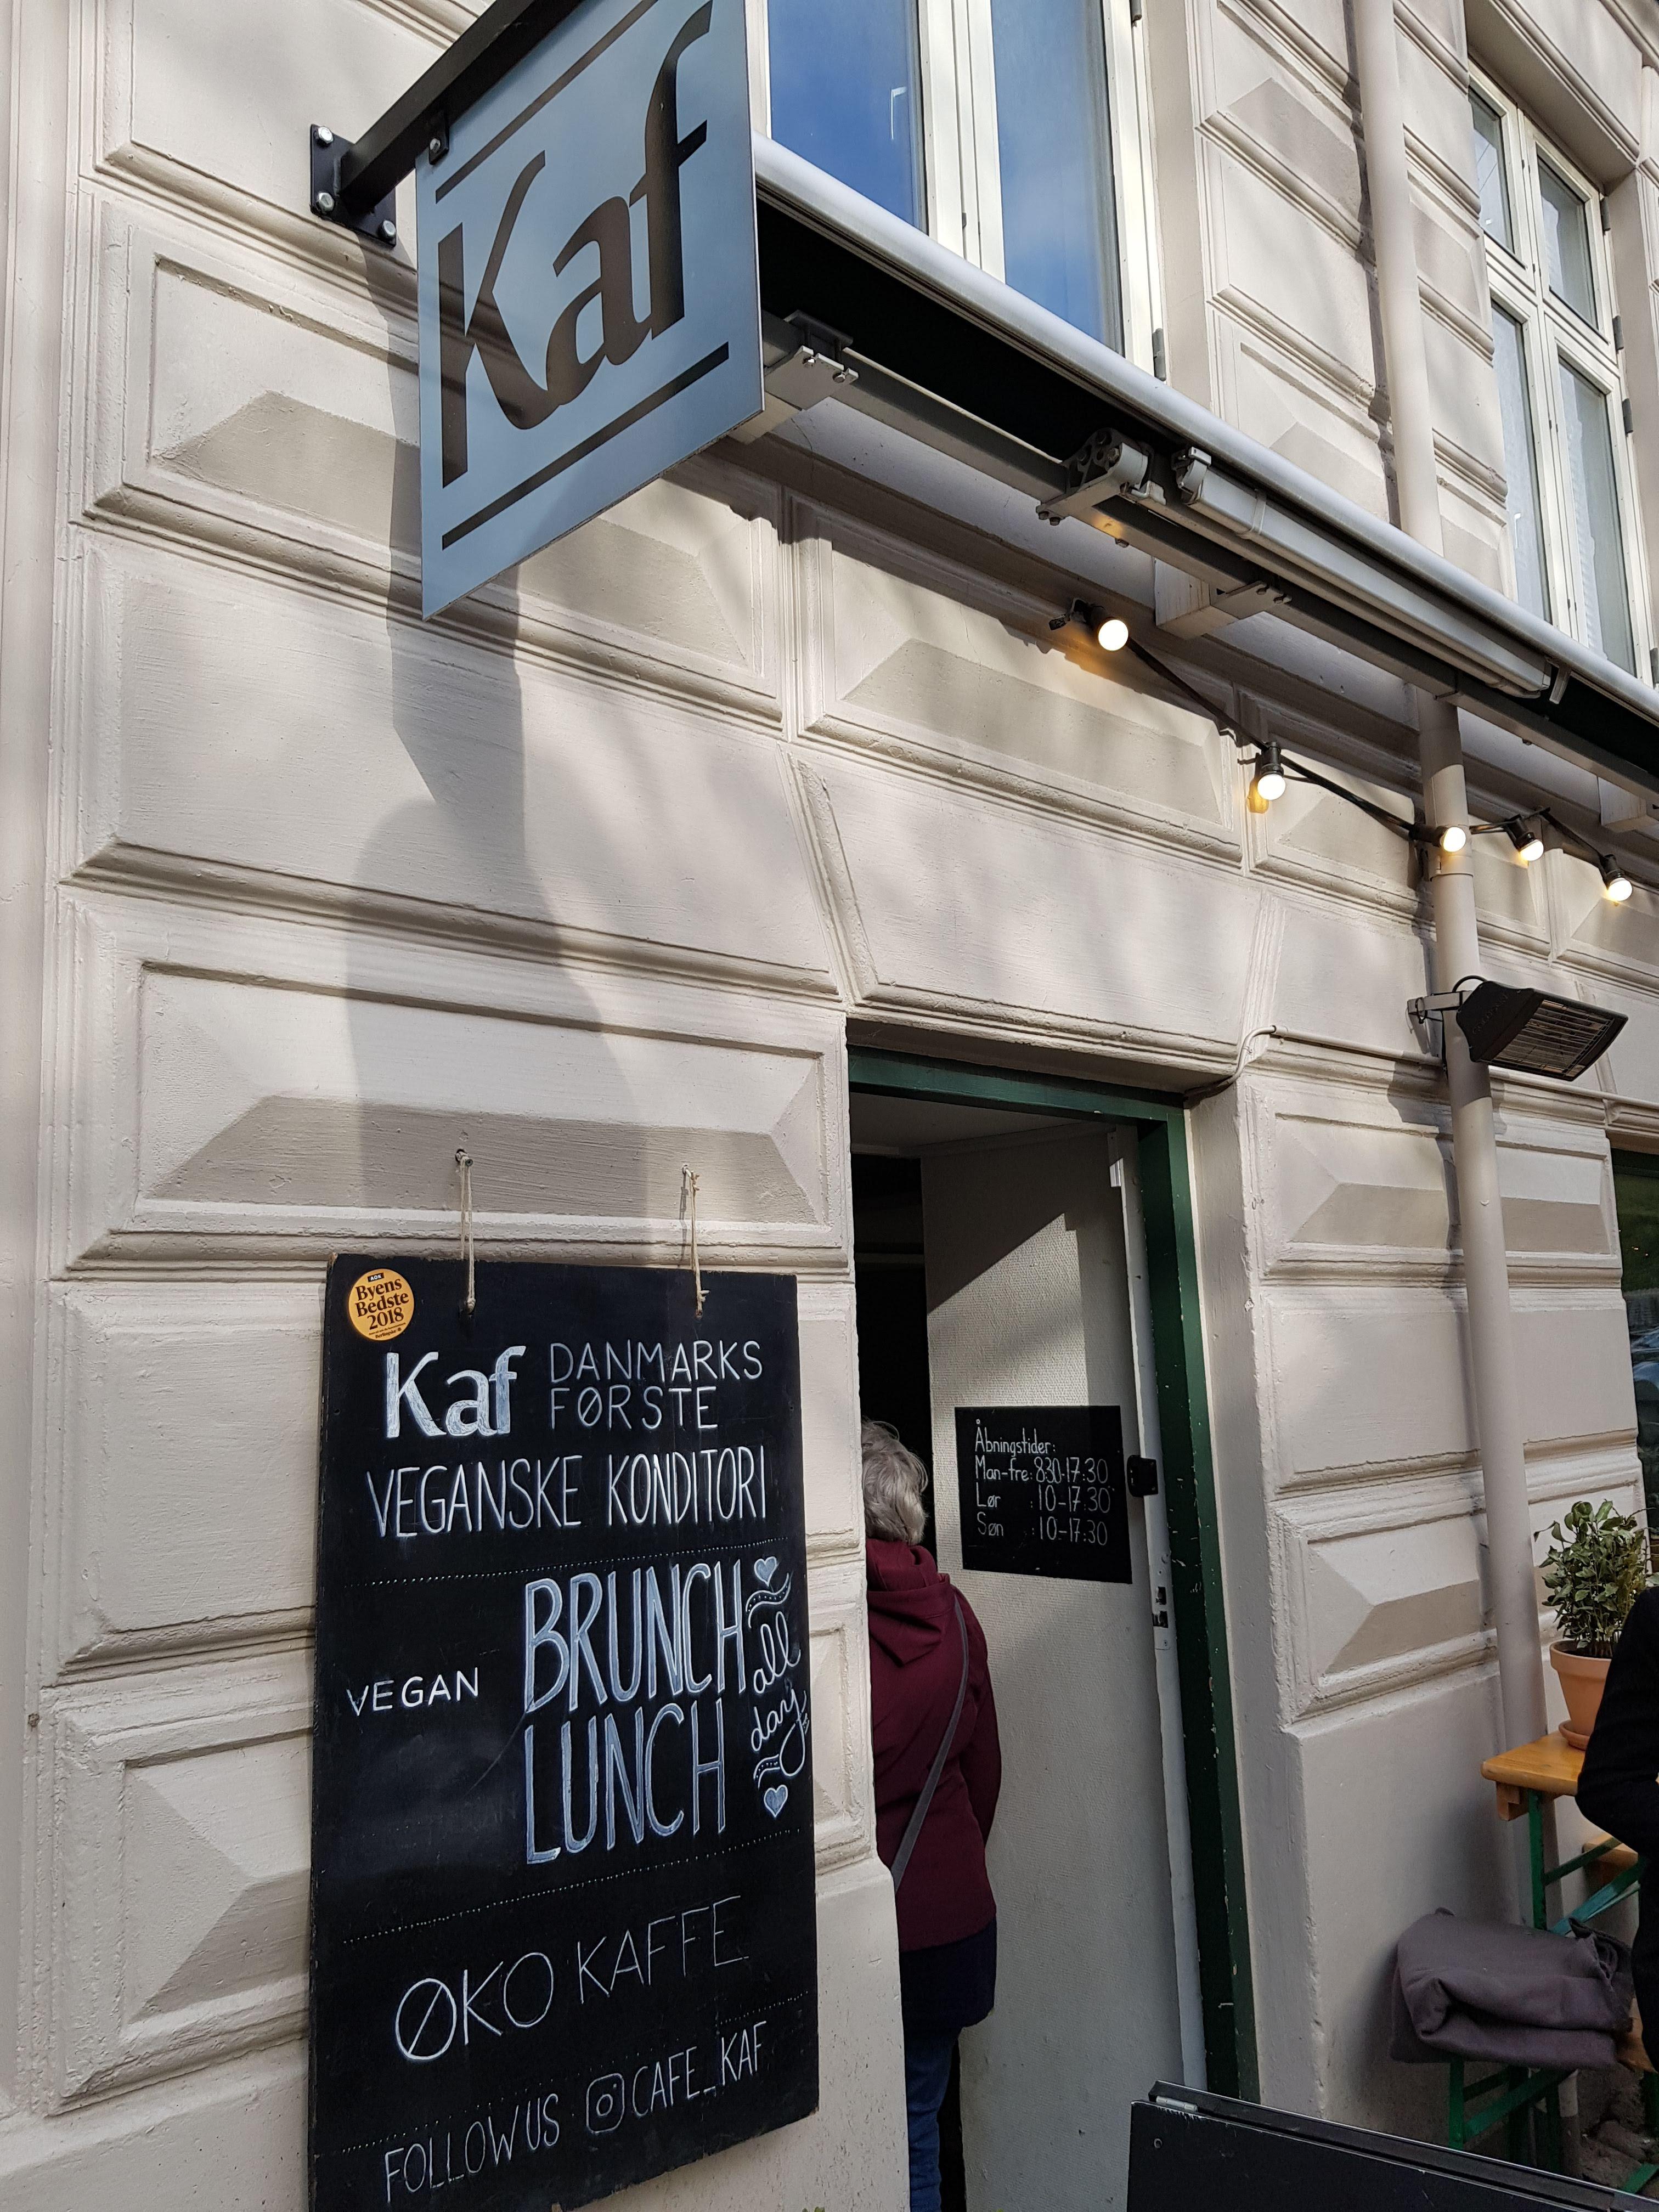 Kaf Cafe, Kopenhagen